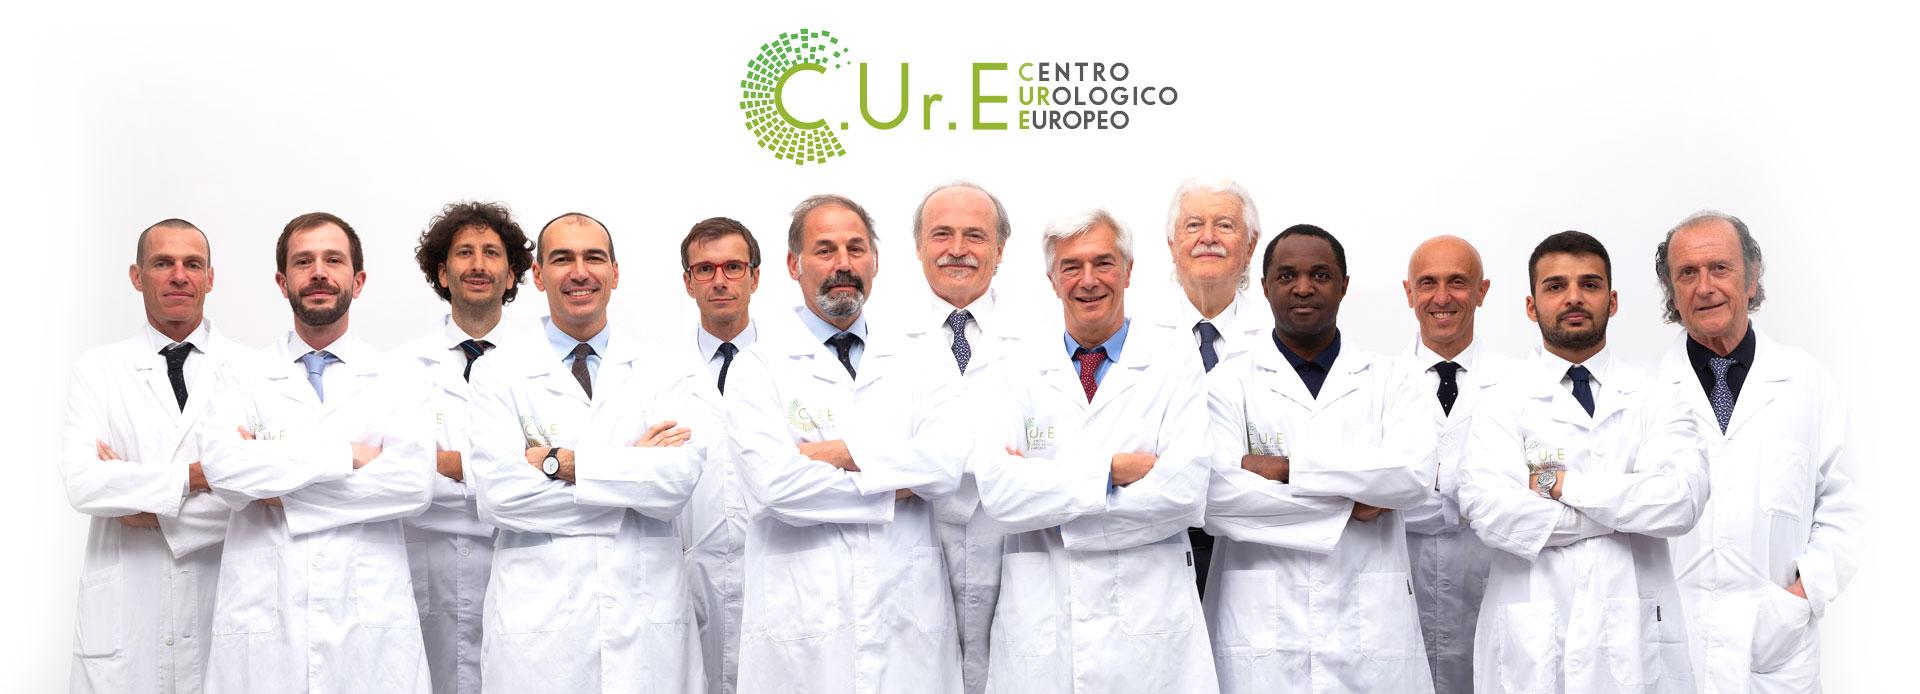 cure centro urologico